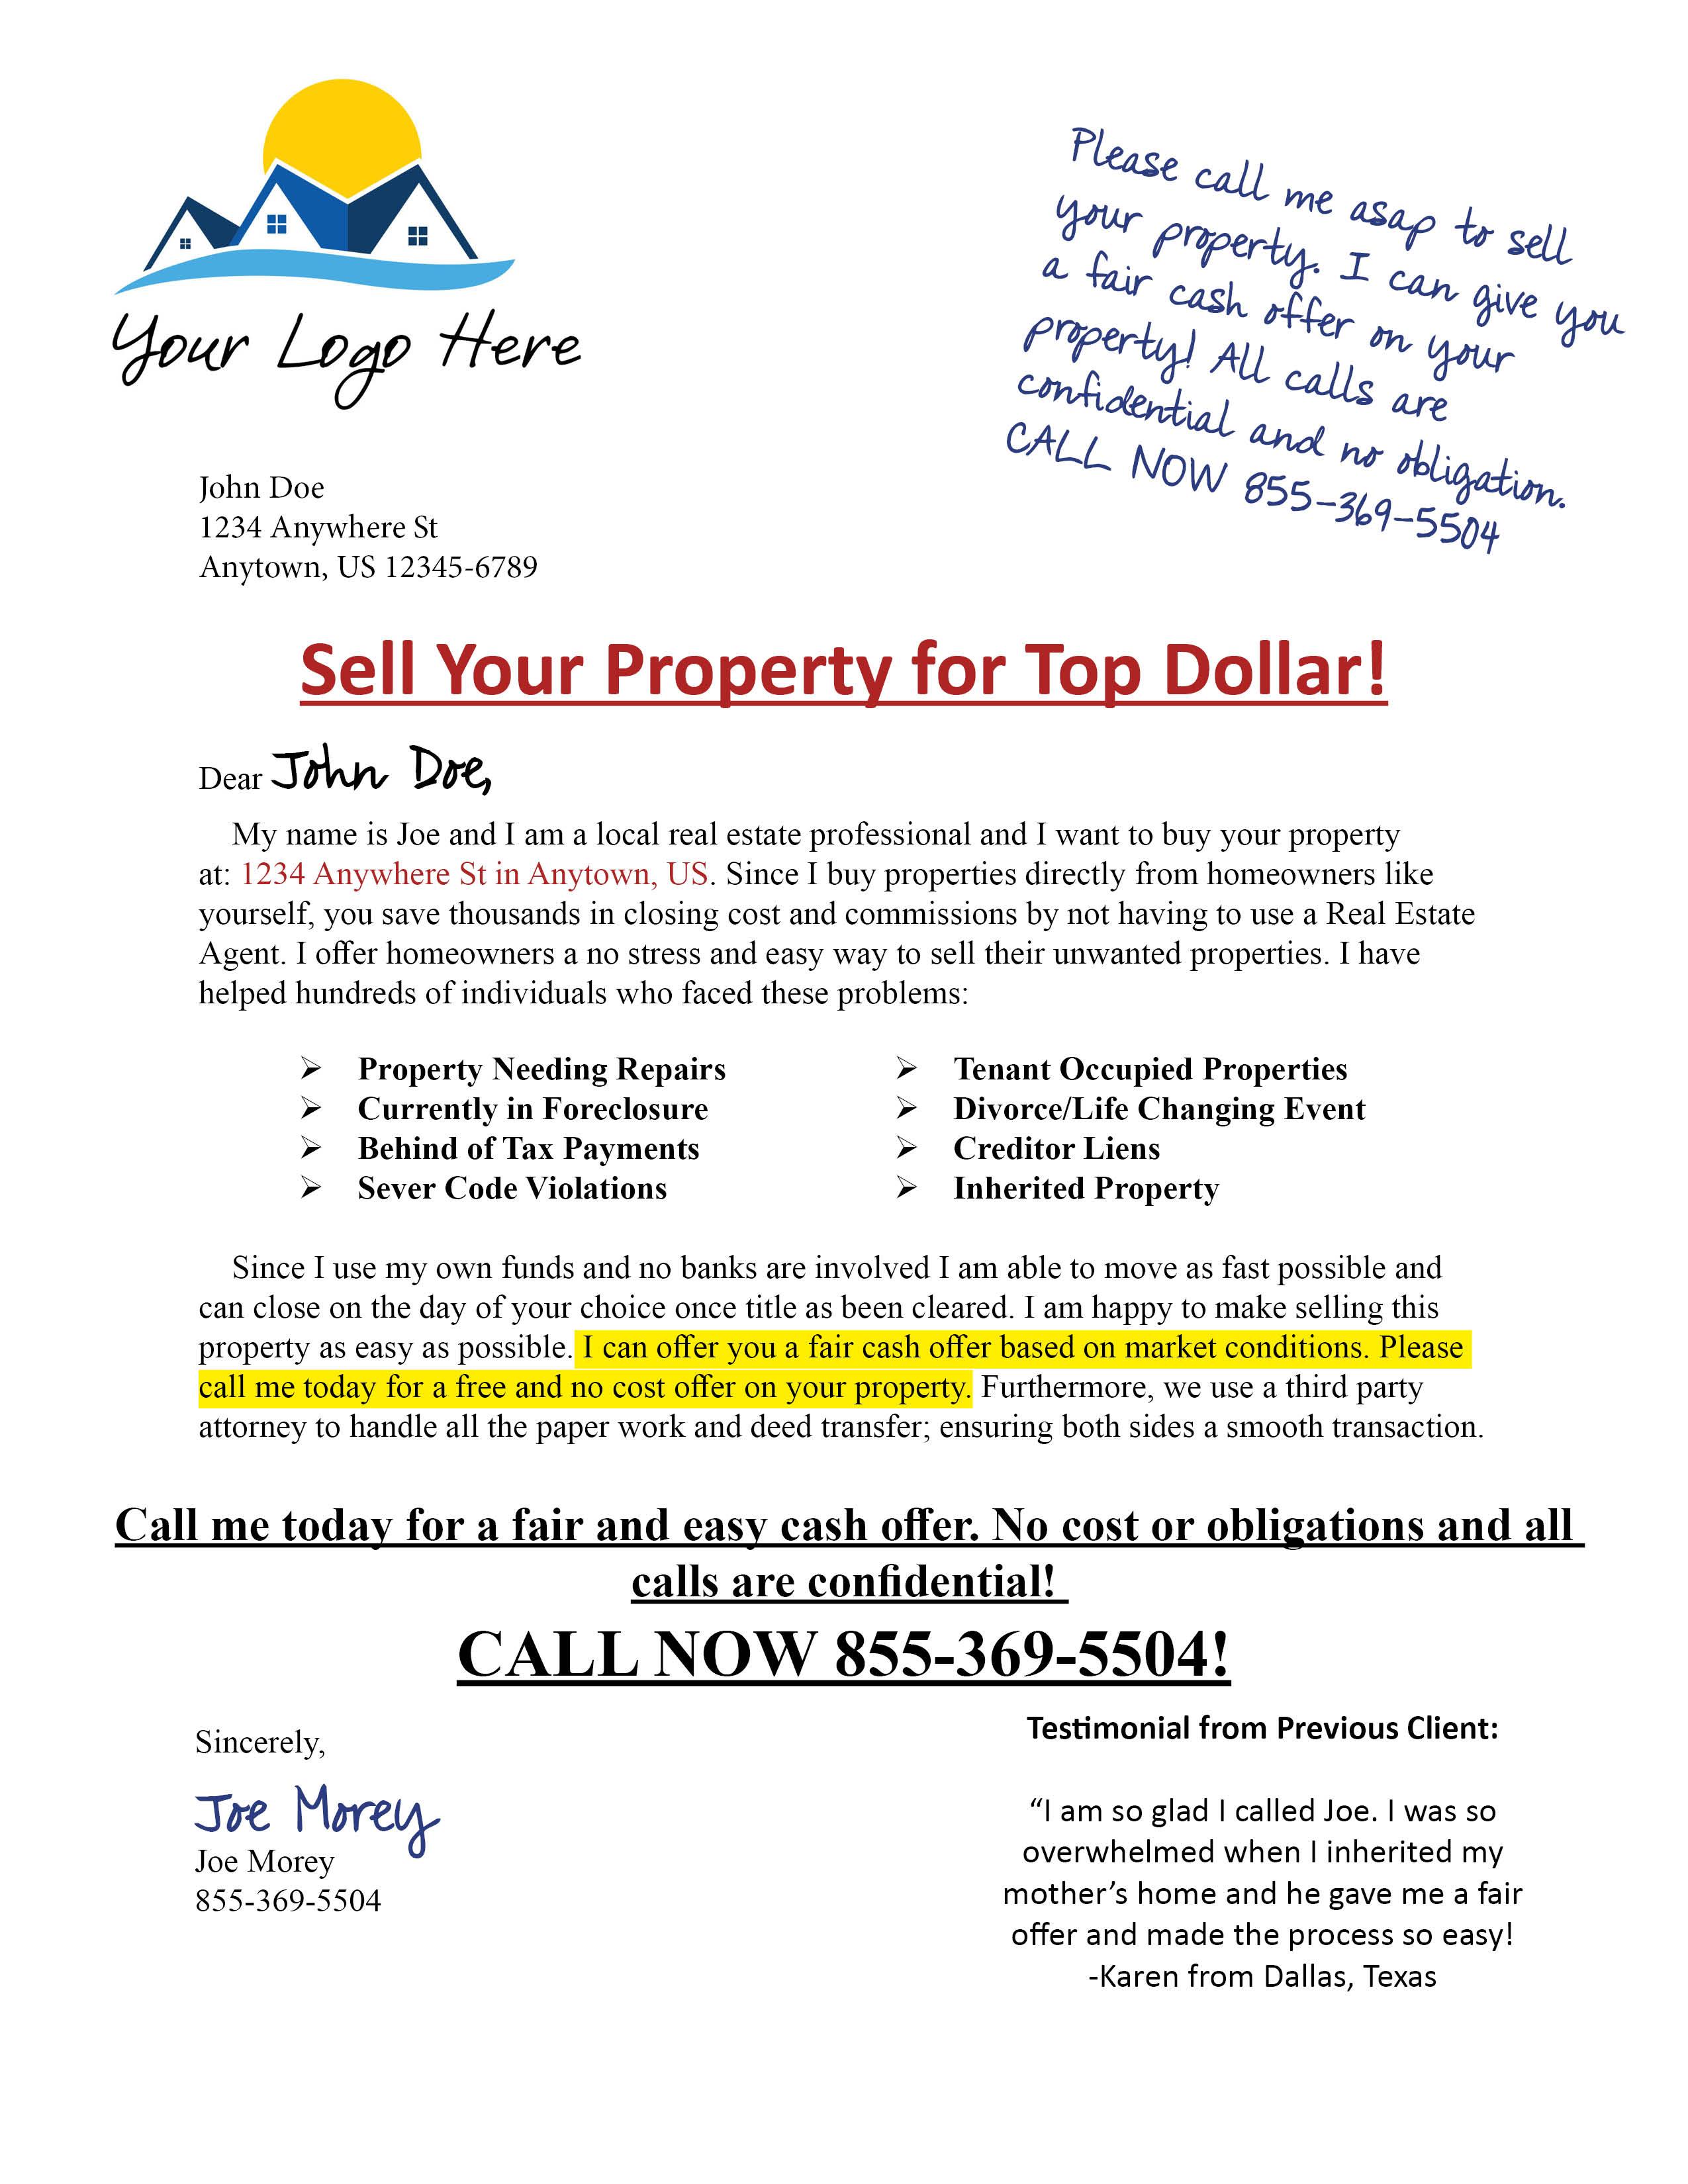 Pro Window Letter #1